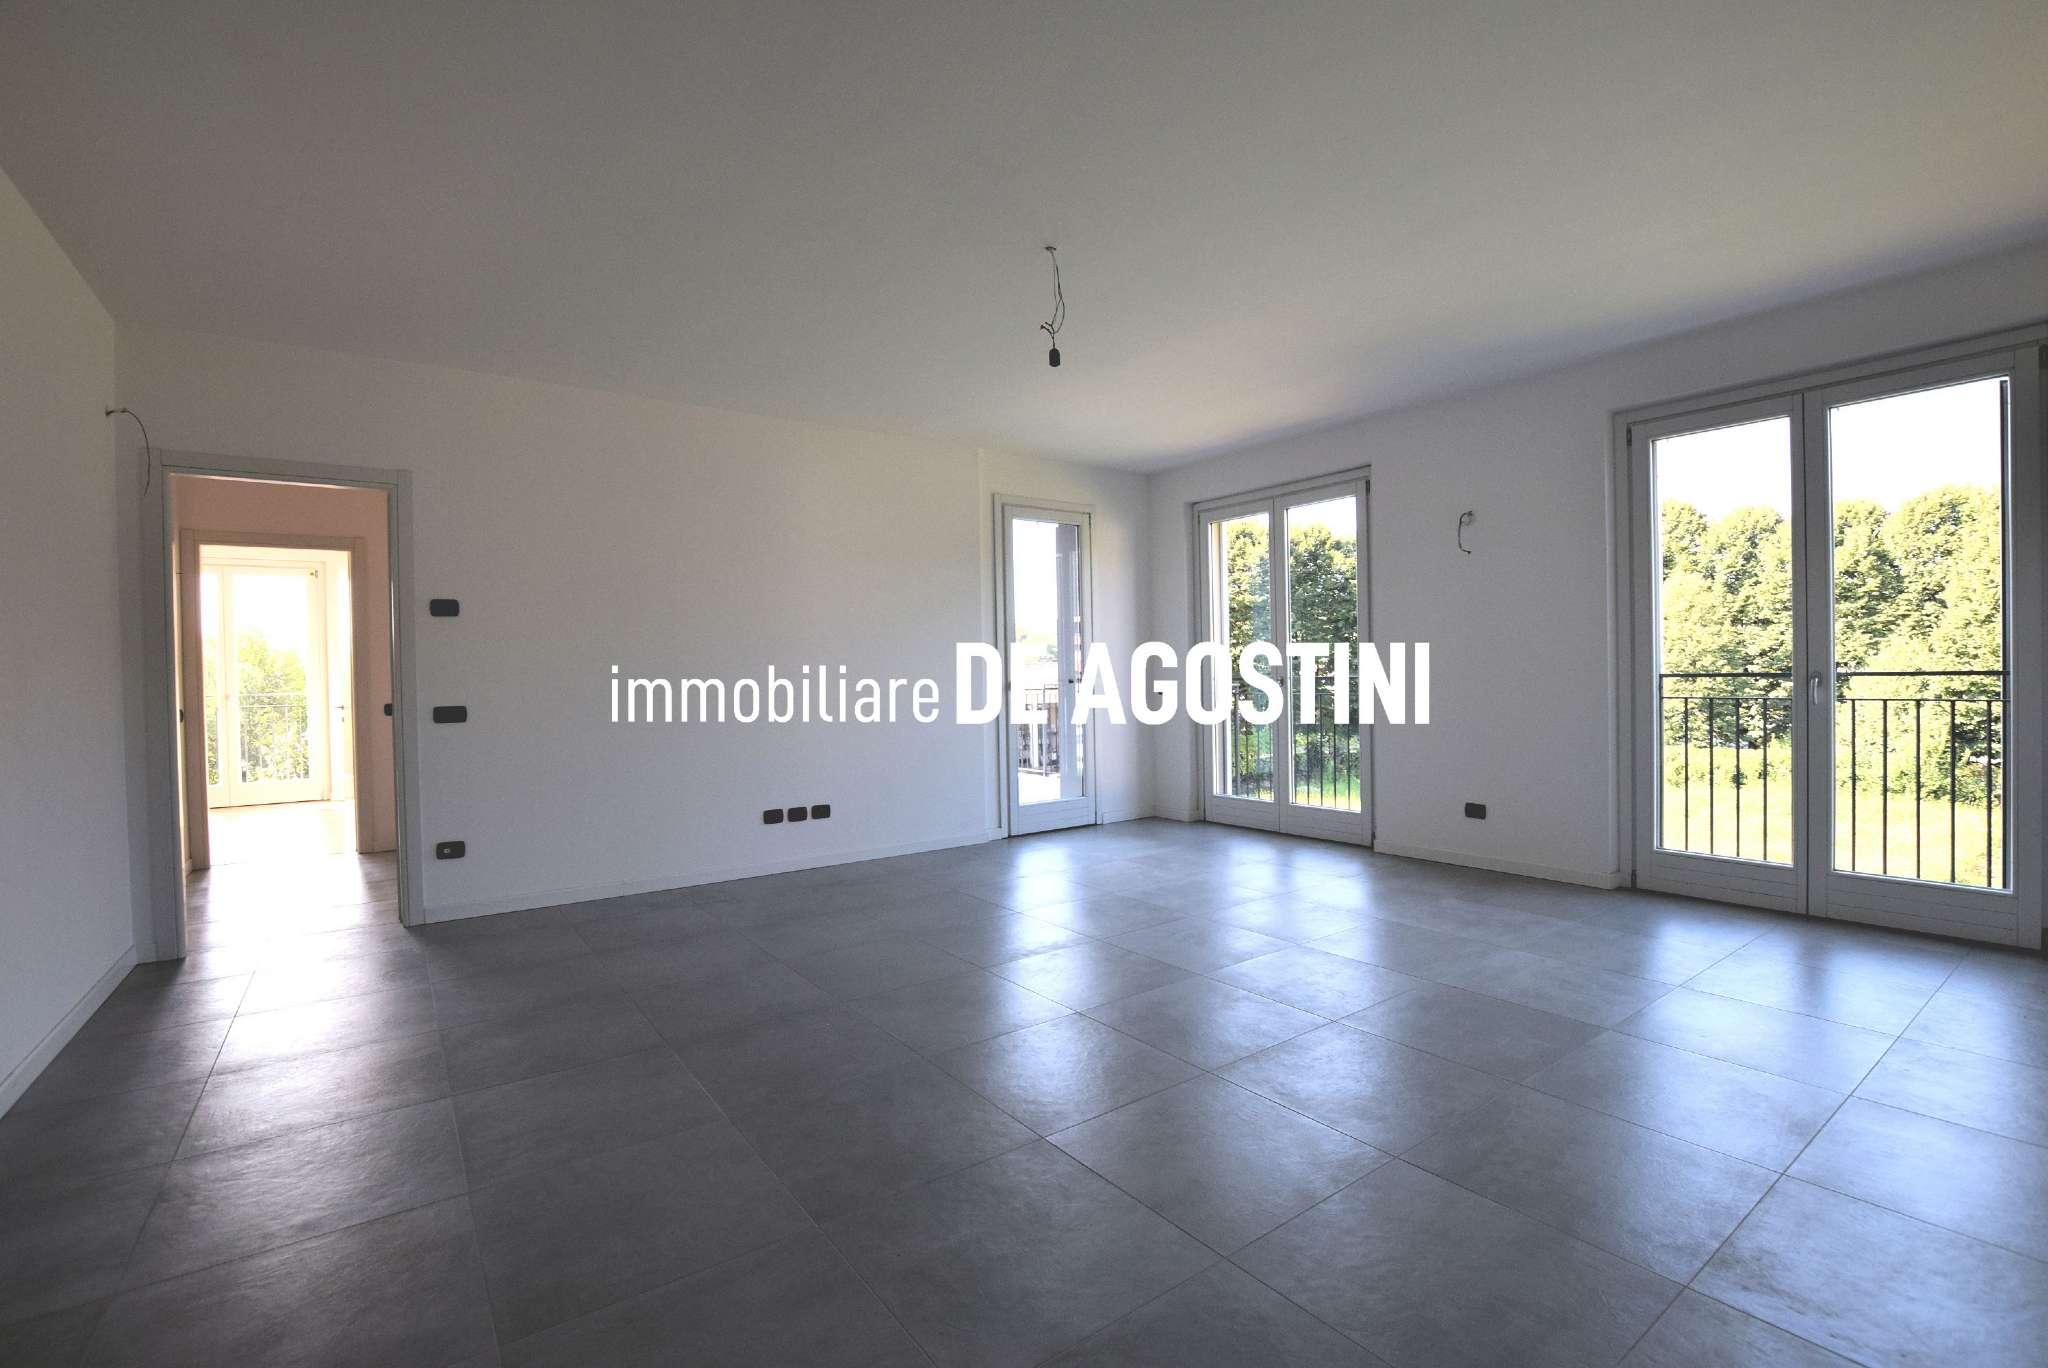 Appartamento in vendita a Arona, 5 locali, prezzo € 345.000 | CambioCasa.it